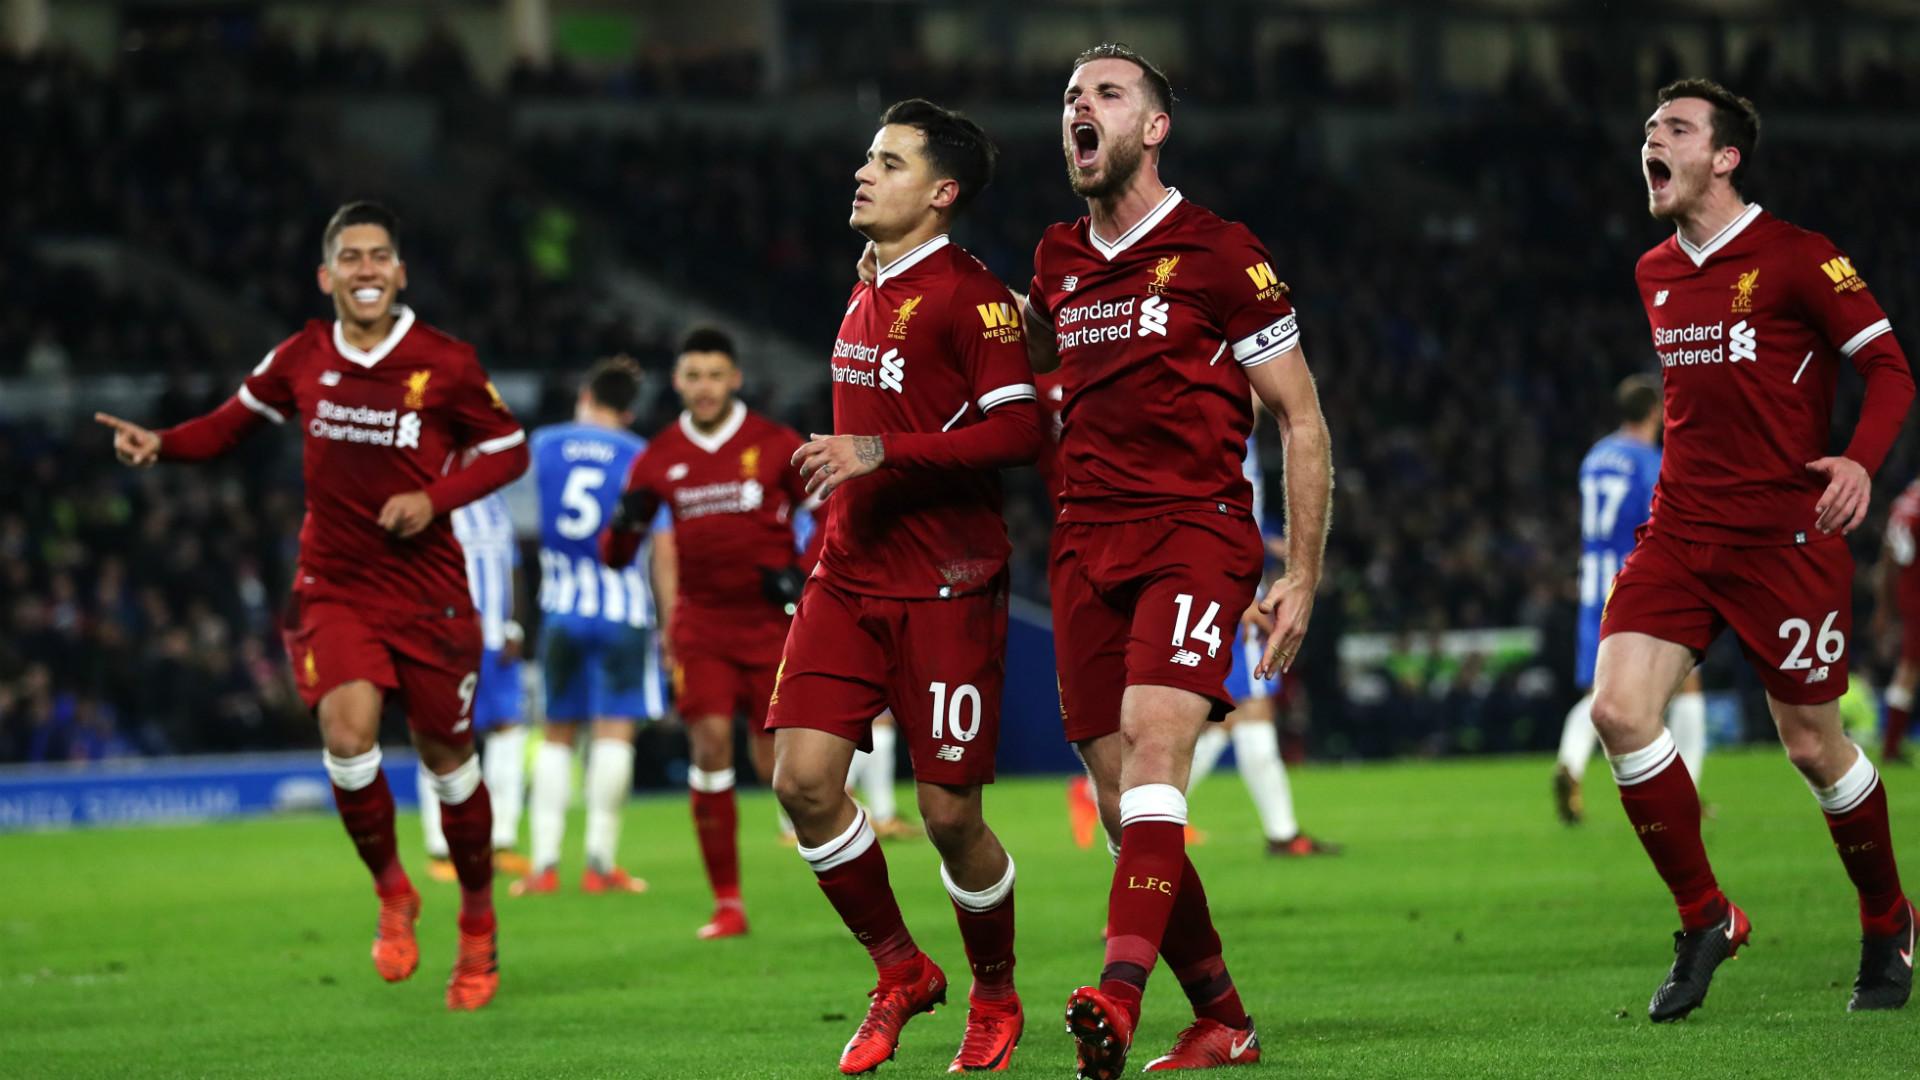 Cựu sao M.U hạ thấp chiến thắng của Liverpool - Bóng Đá